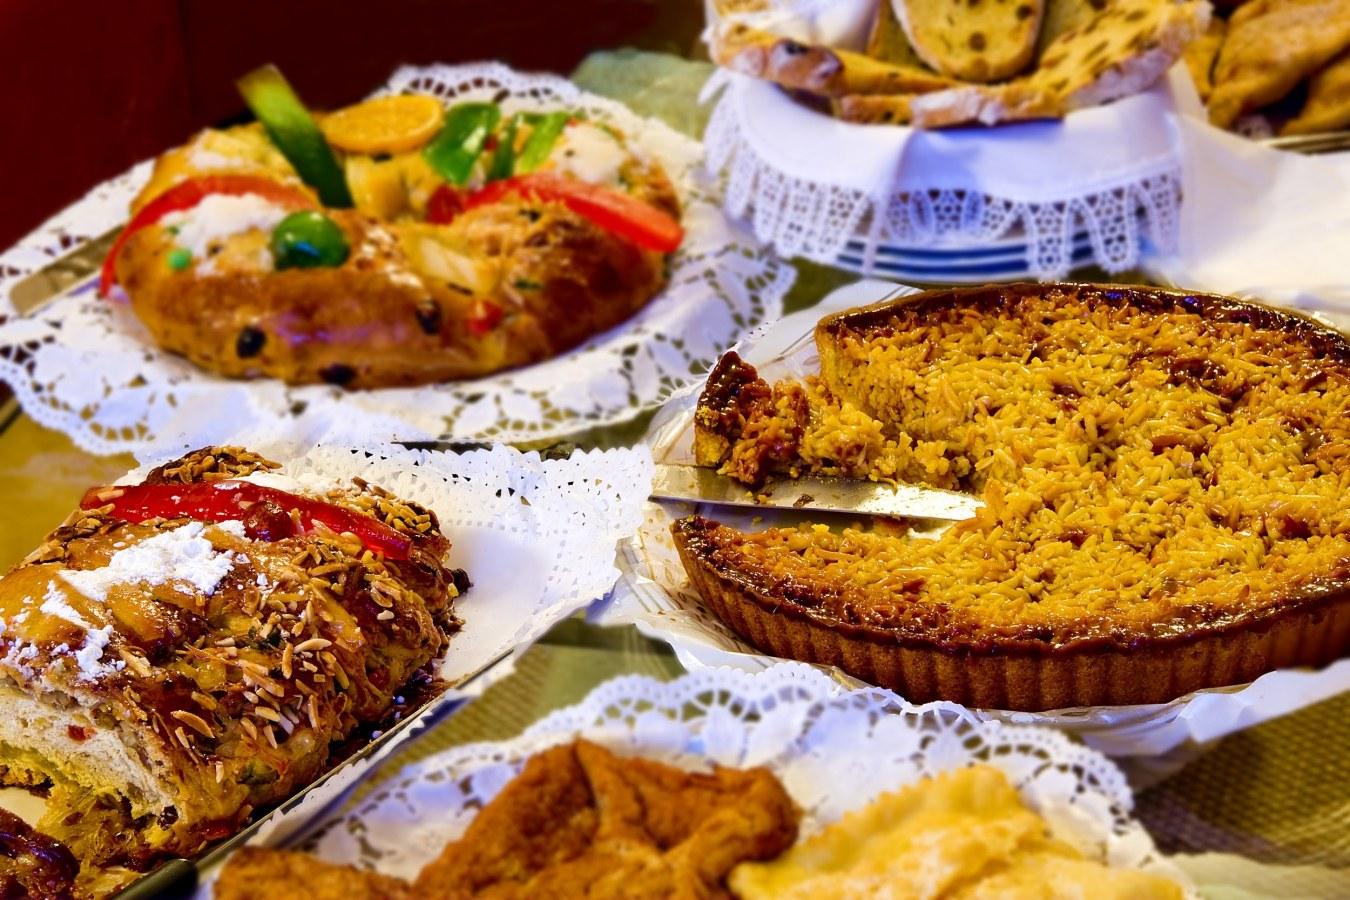 قدم مطعم رافي وجبات شهية مفعمة بالنكهات